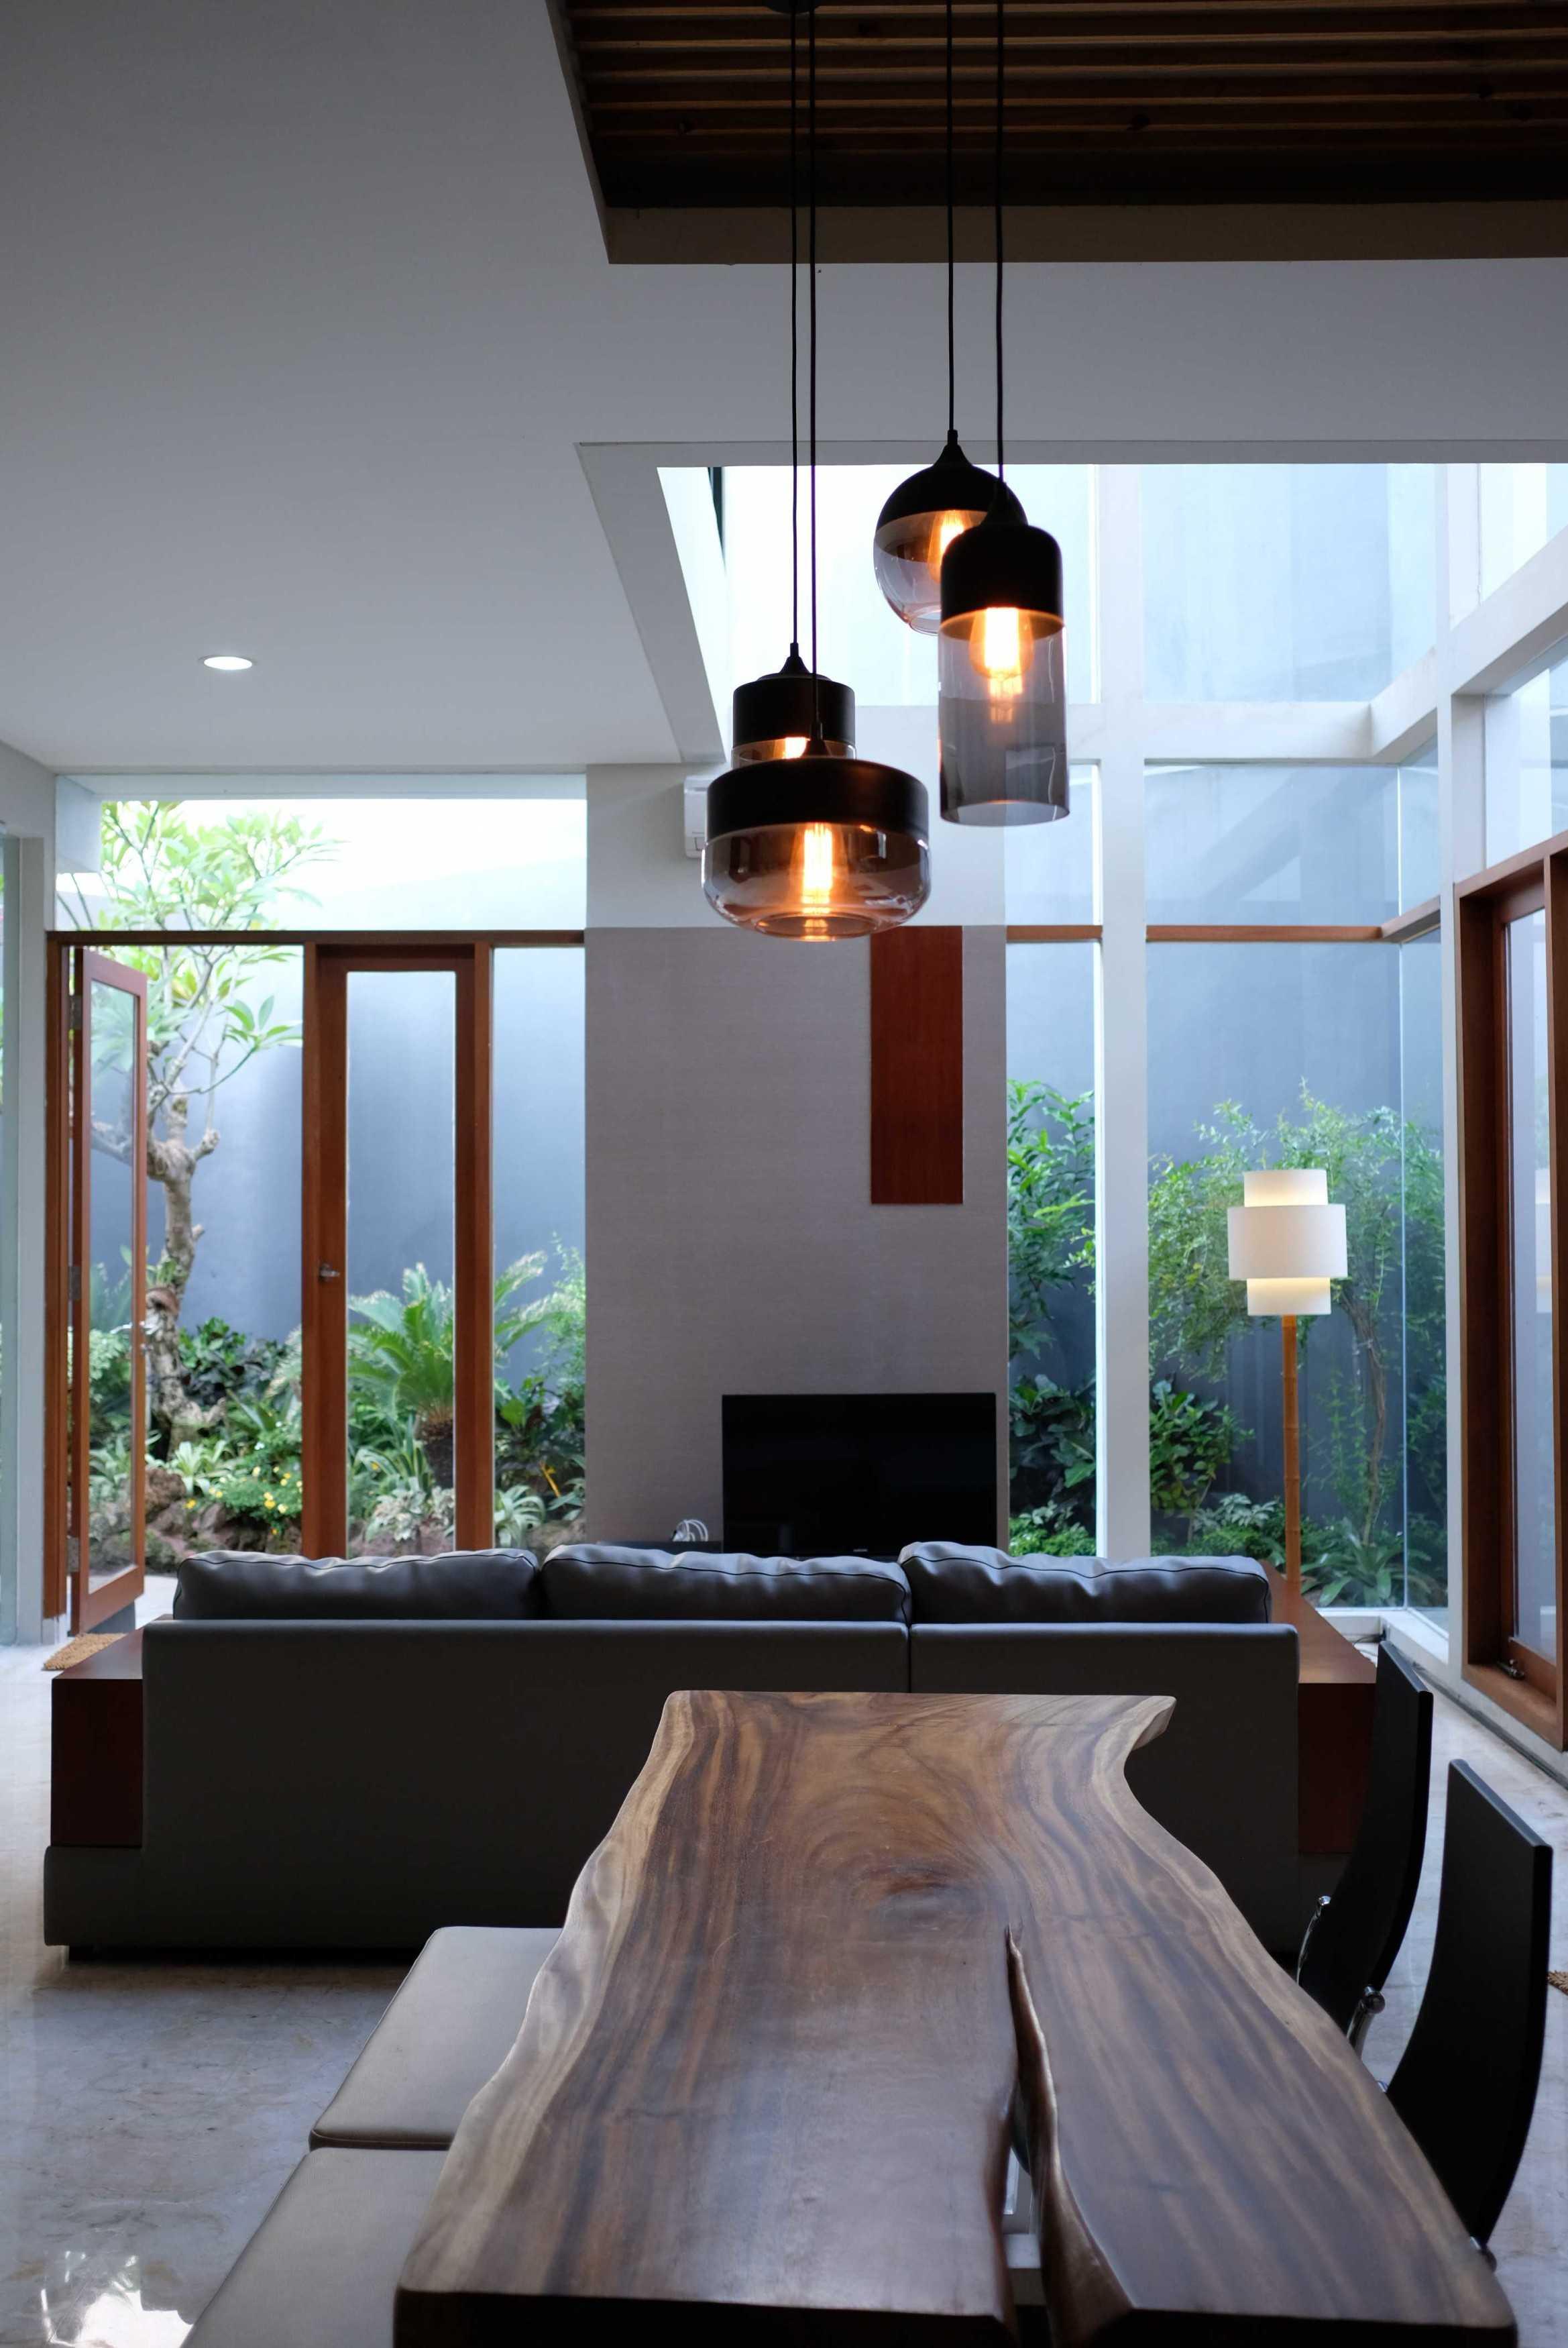 Saga Contractor Rumah Tinggal Minimalis Kota Sby, Jawa Timur, Indonesia Kota Sby, Jawa Timur, Indonesia Rumah Tinggal Minimalis - Family Room   44715